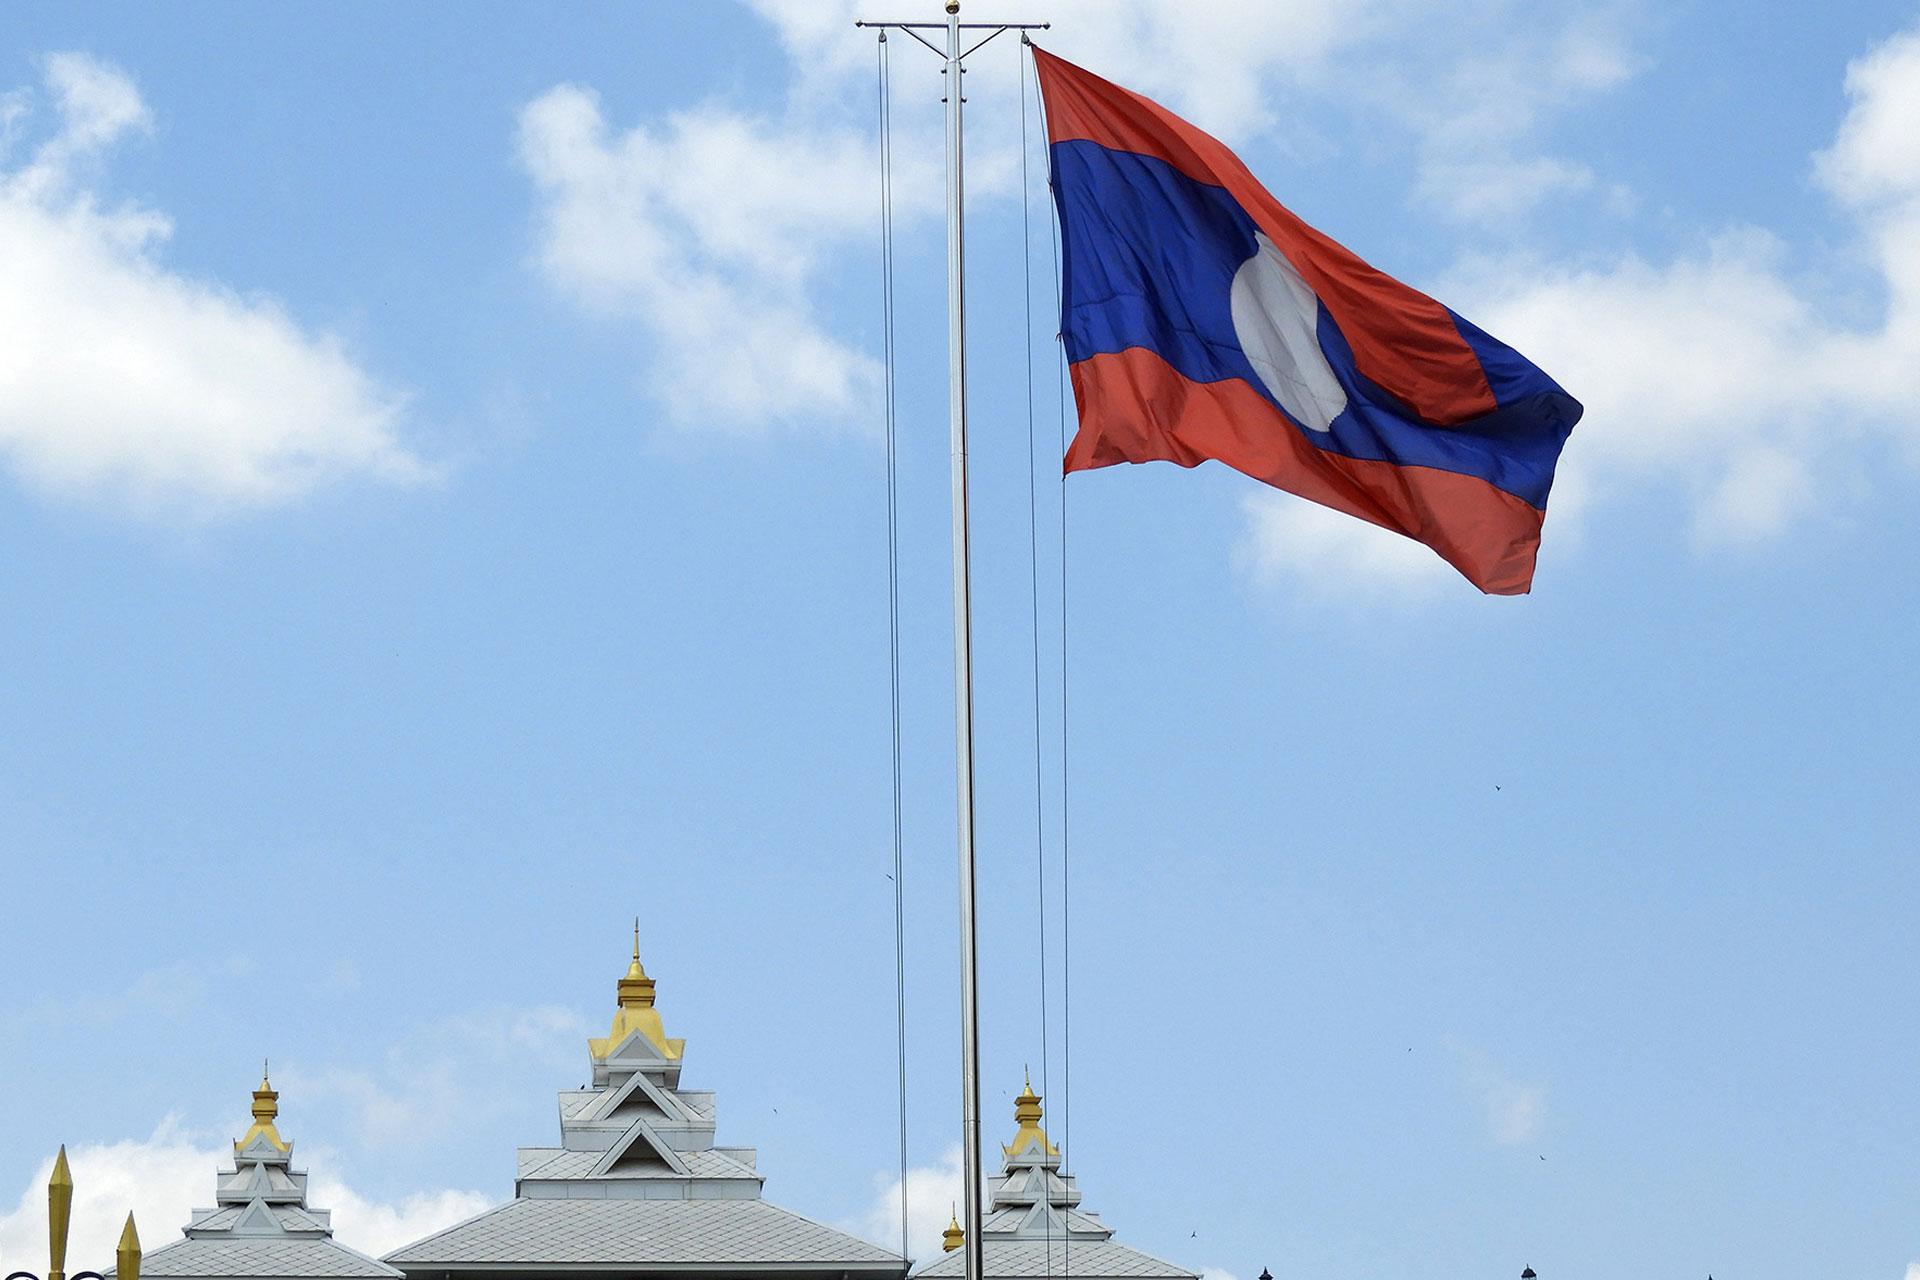 laos flag now